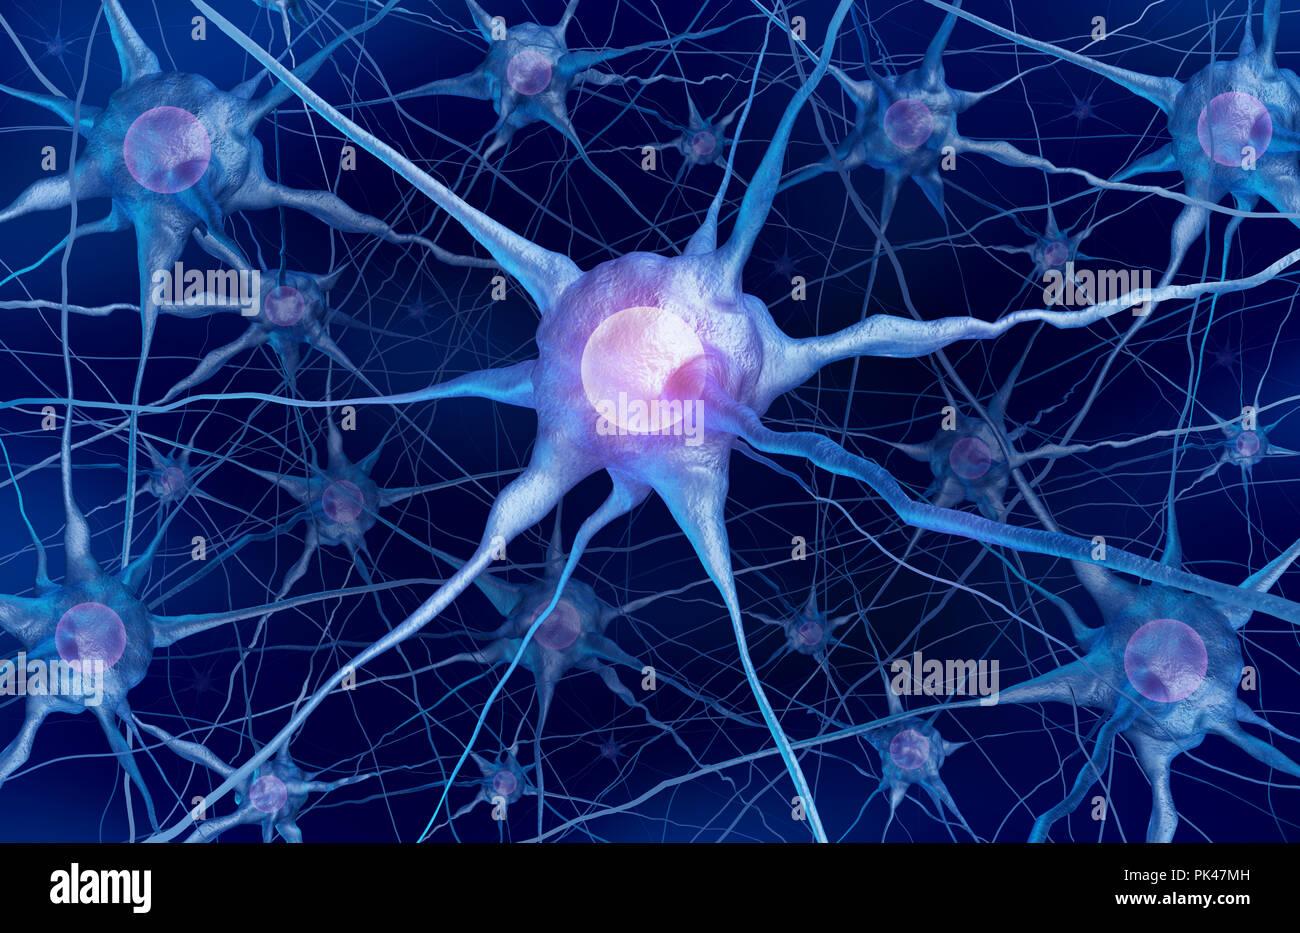 Neuron concepto científico y neurología anatomía celular como la salud mental o de la función cerebral como un símbolo 3D rendering. Imagen De Stock